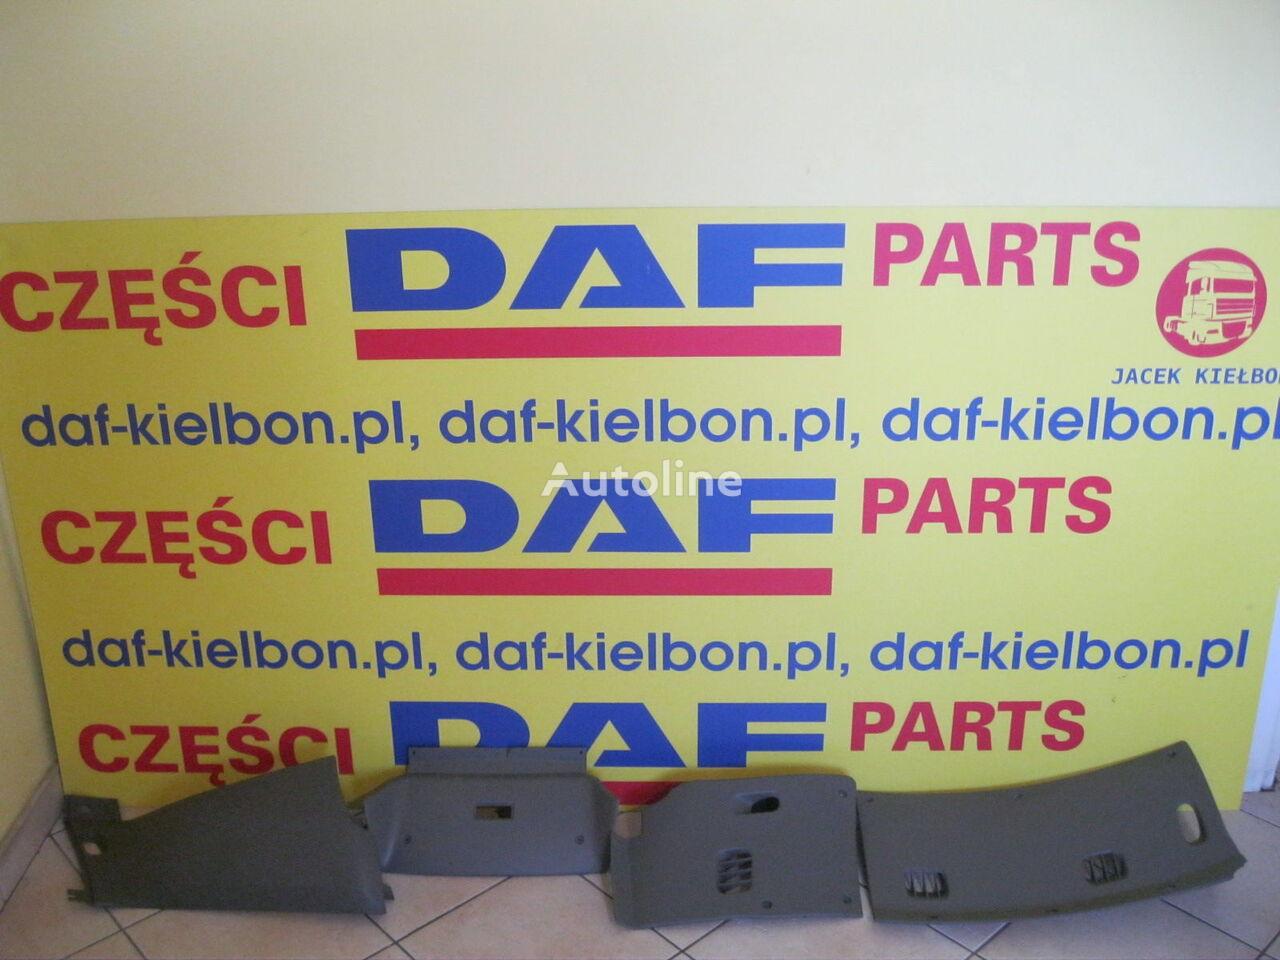 кабина DESKA ROZDZIELCZA KONSOLA для тягача DAF XF 105